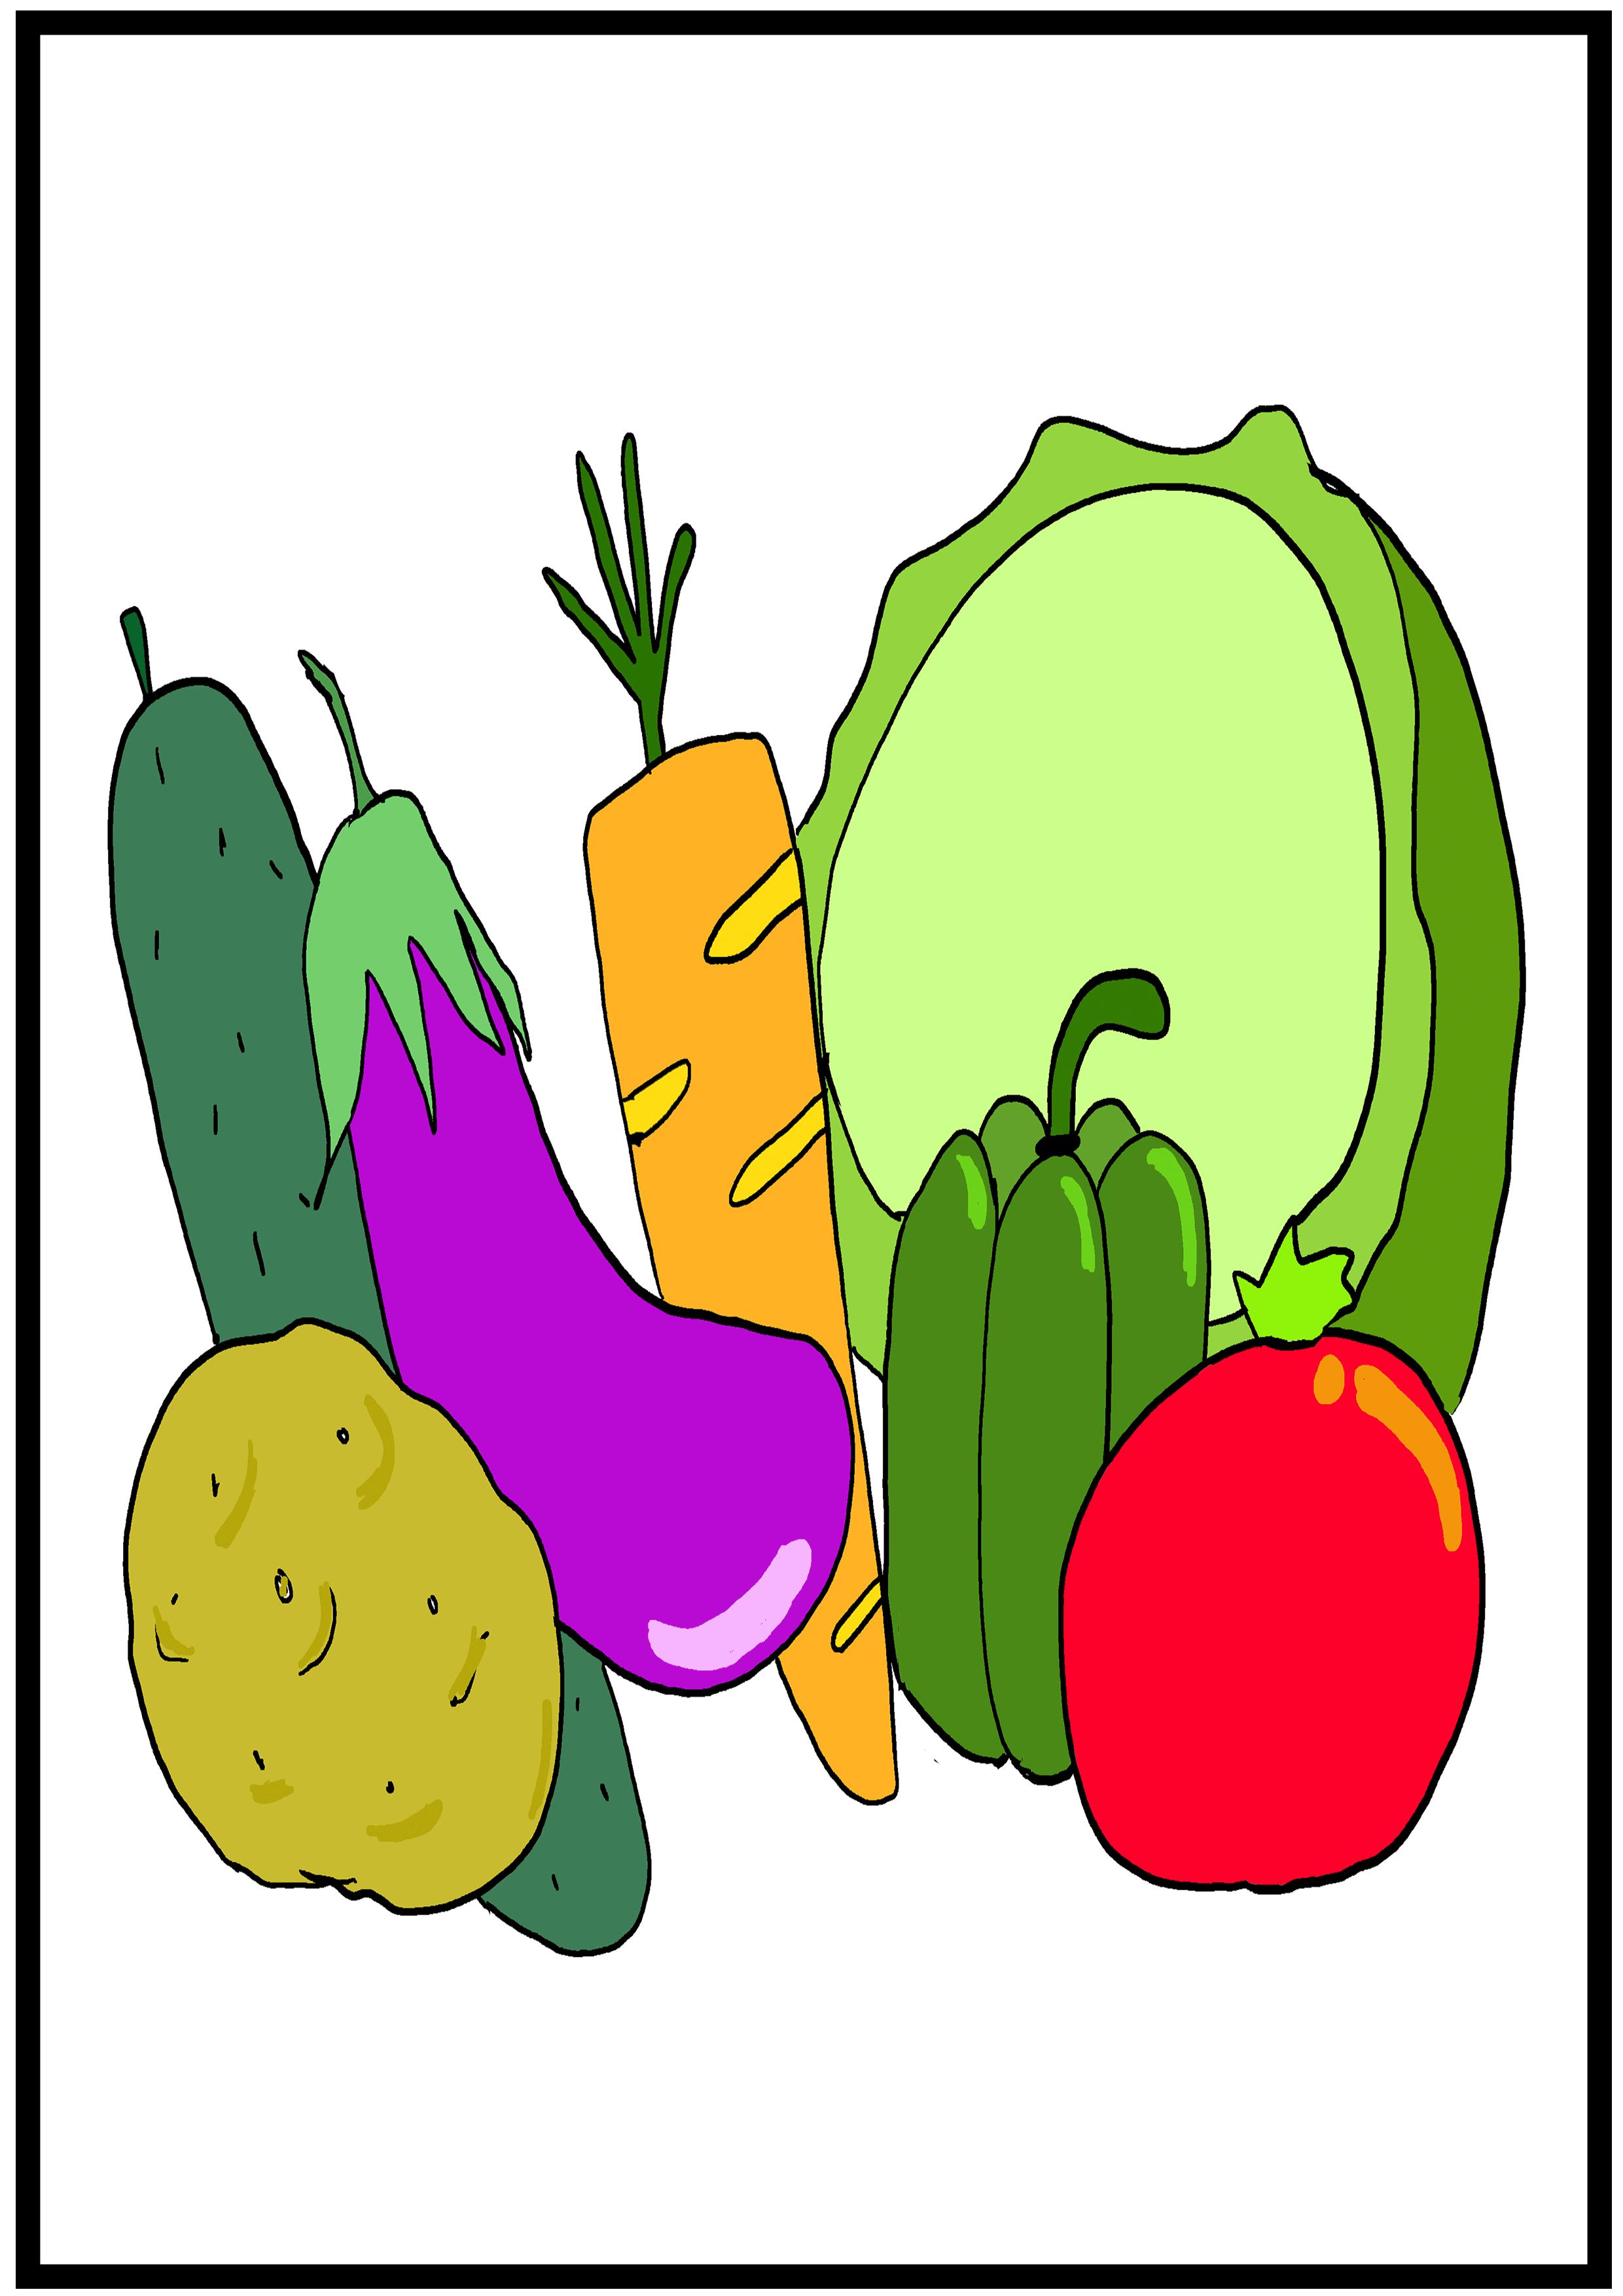 イラスト【野菜】